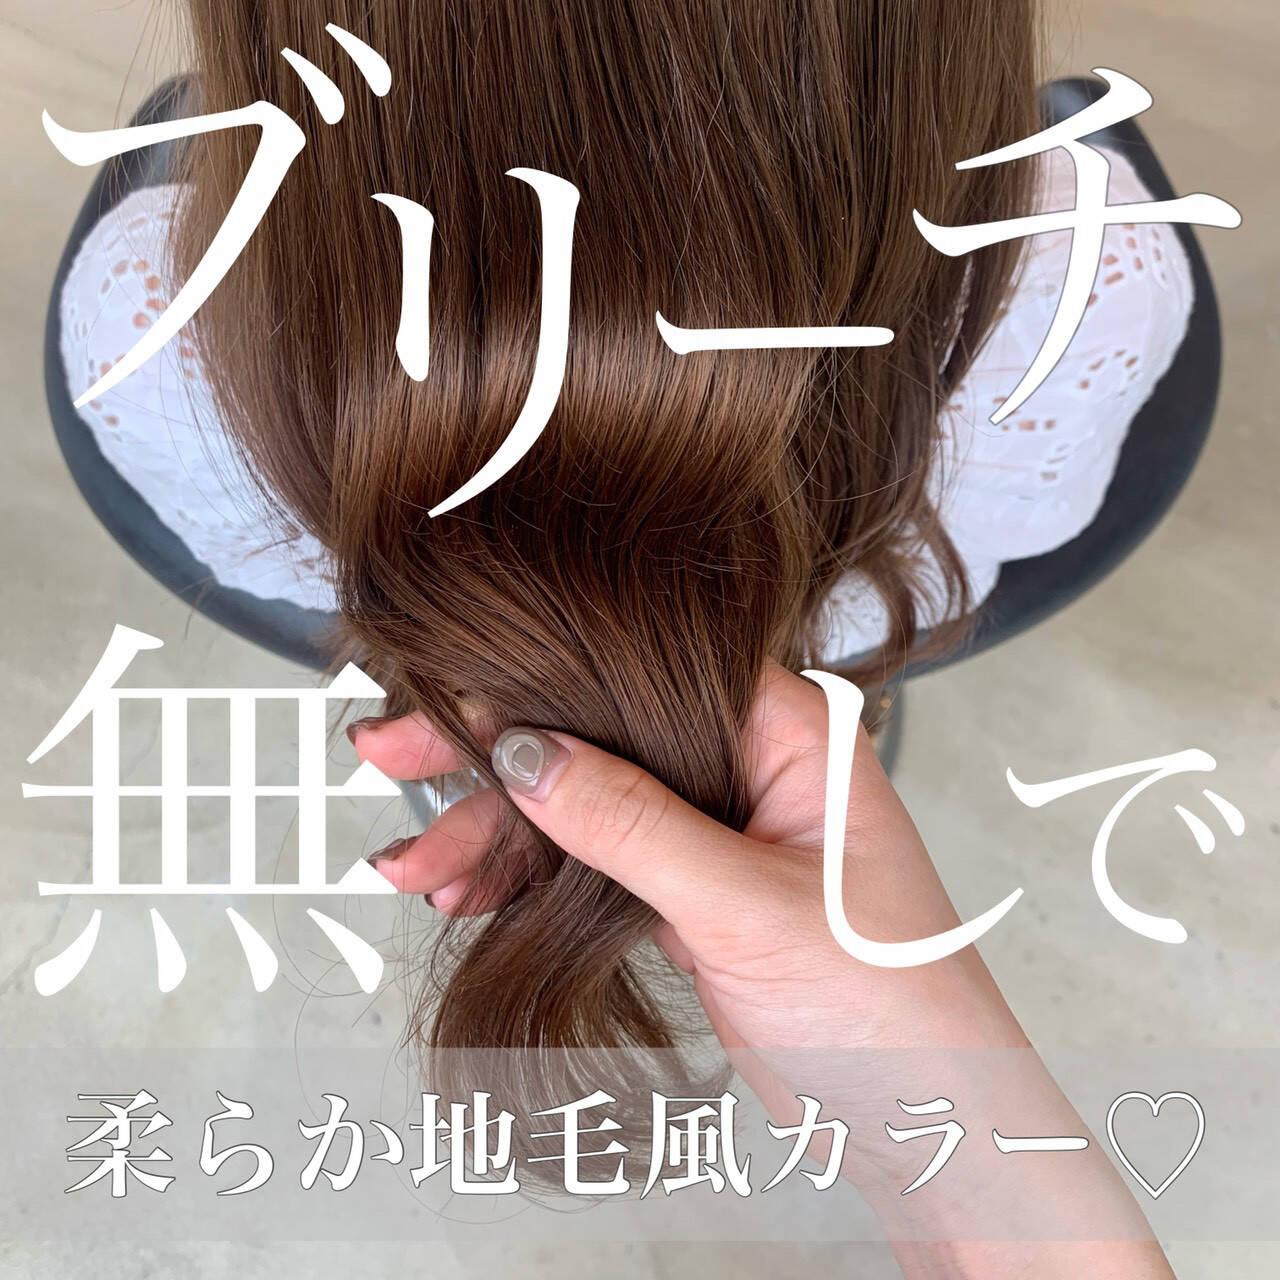 セミロング 地毛風カラー コスメ 艶カラーヘアスタイルや髪型の写真・画像